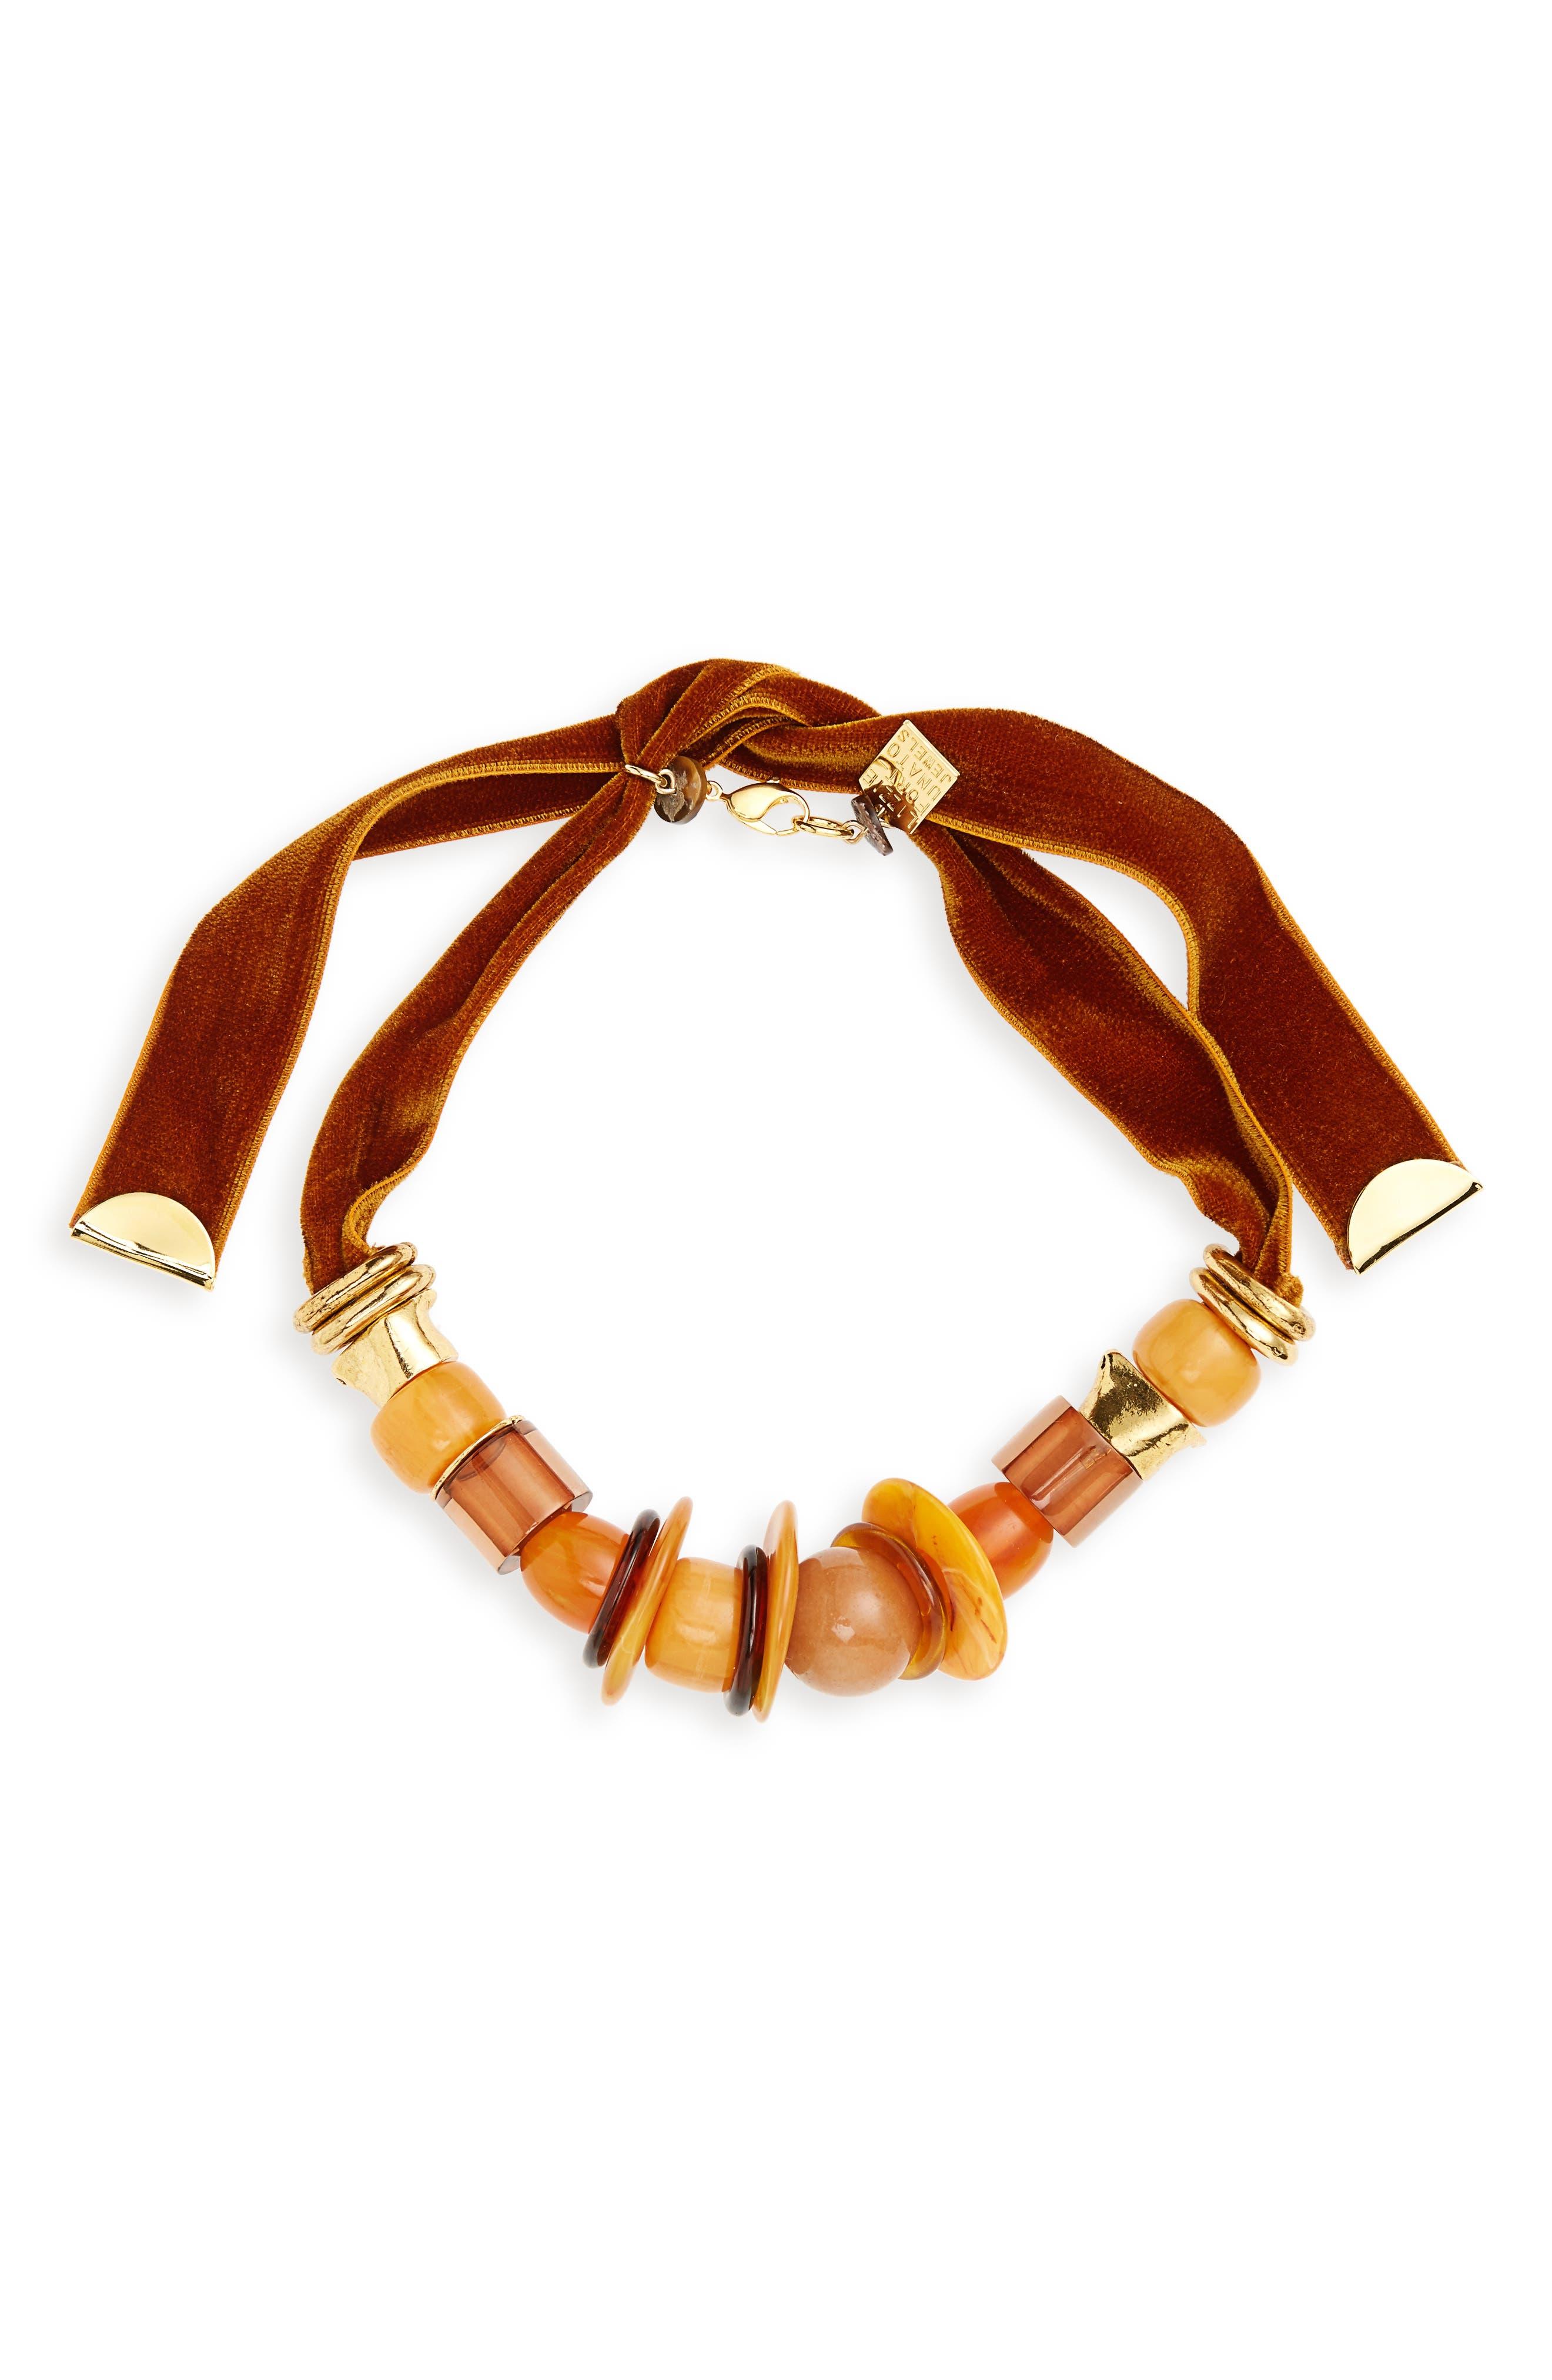 Amber Savanna Necklace,                             Main thumbnail 1, color,                             600